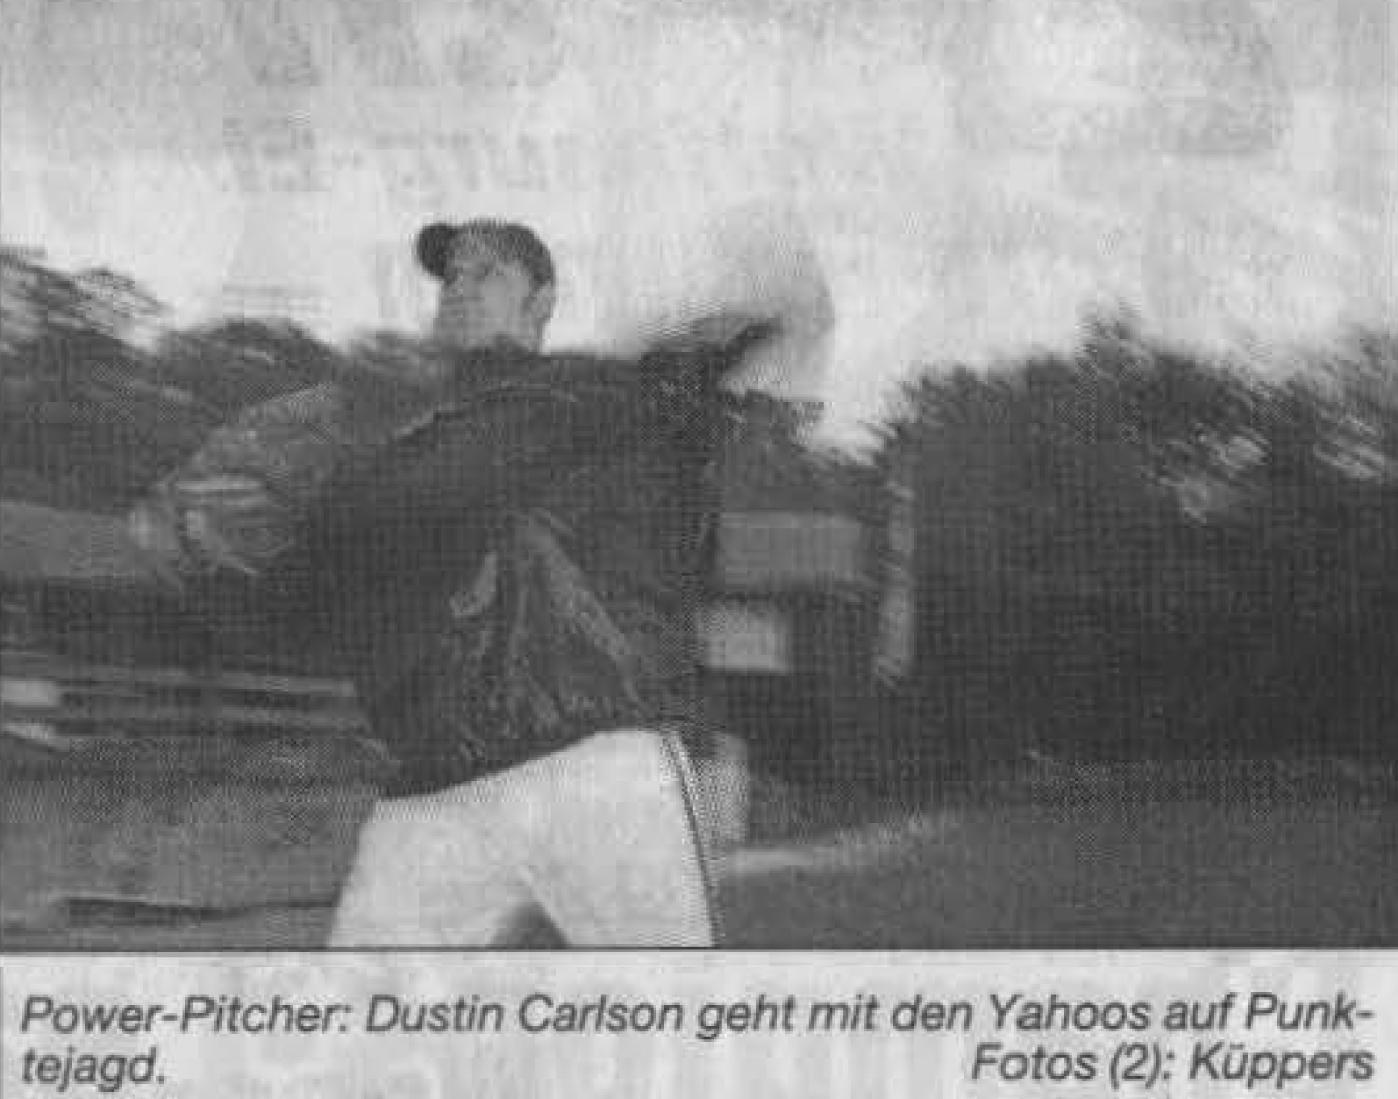 Power-Pitcher: Dustin Carlson geht mit den Yahoos auf Punktejagd. Foto: Küppers